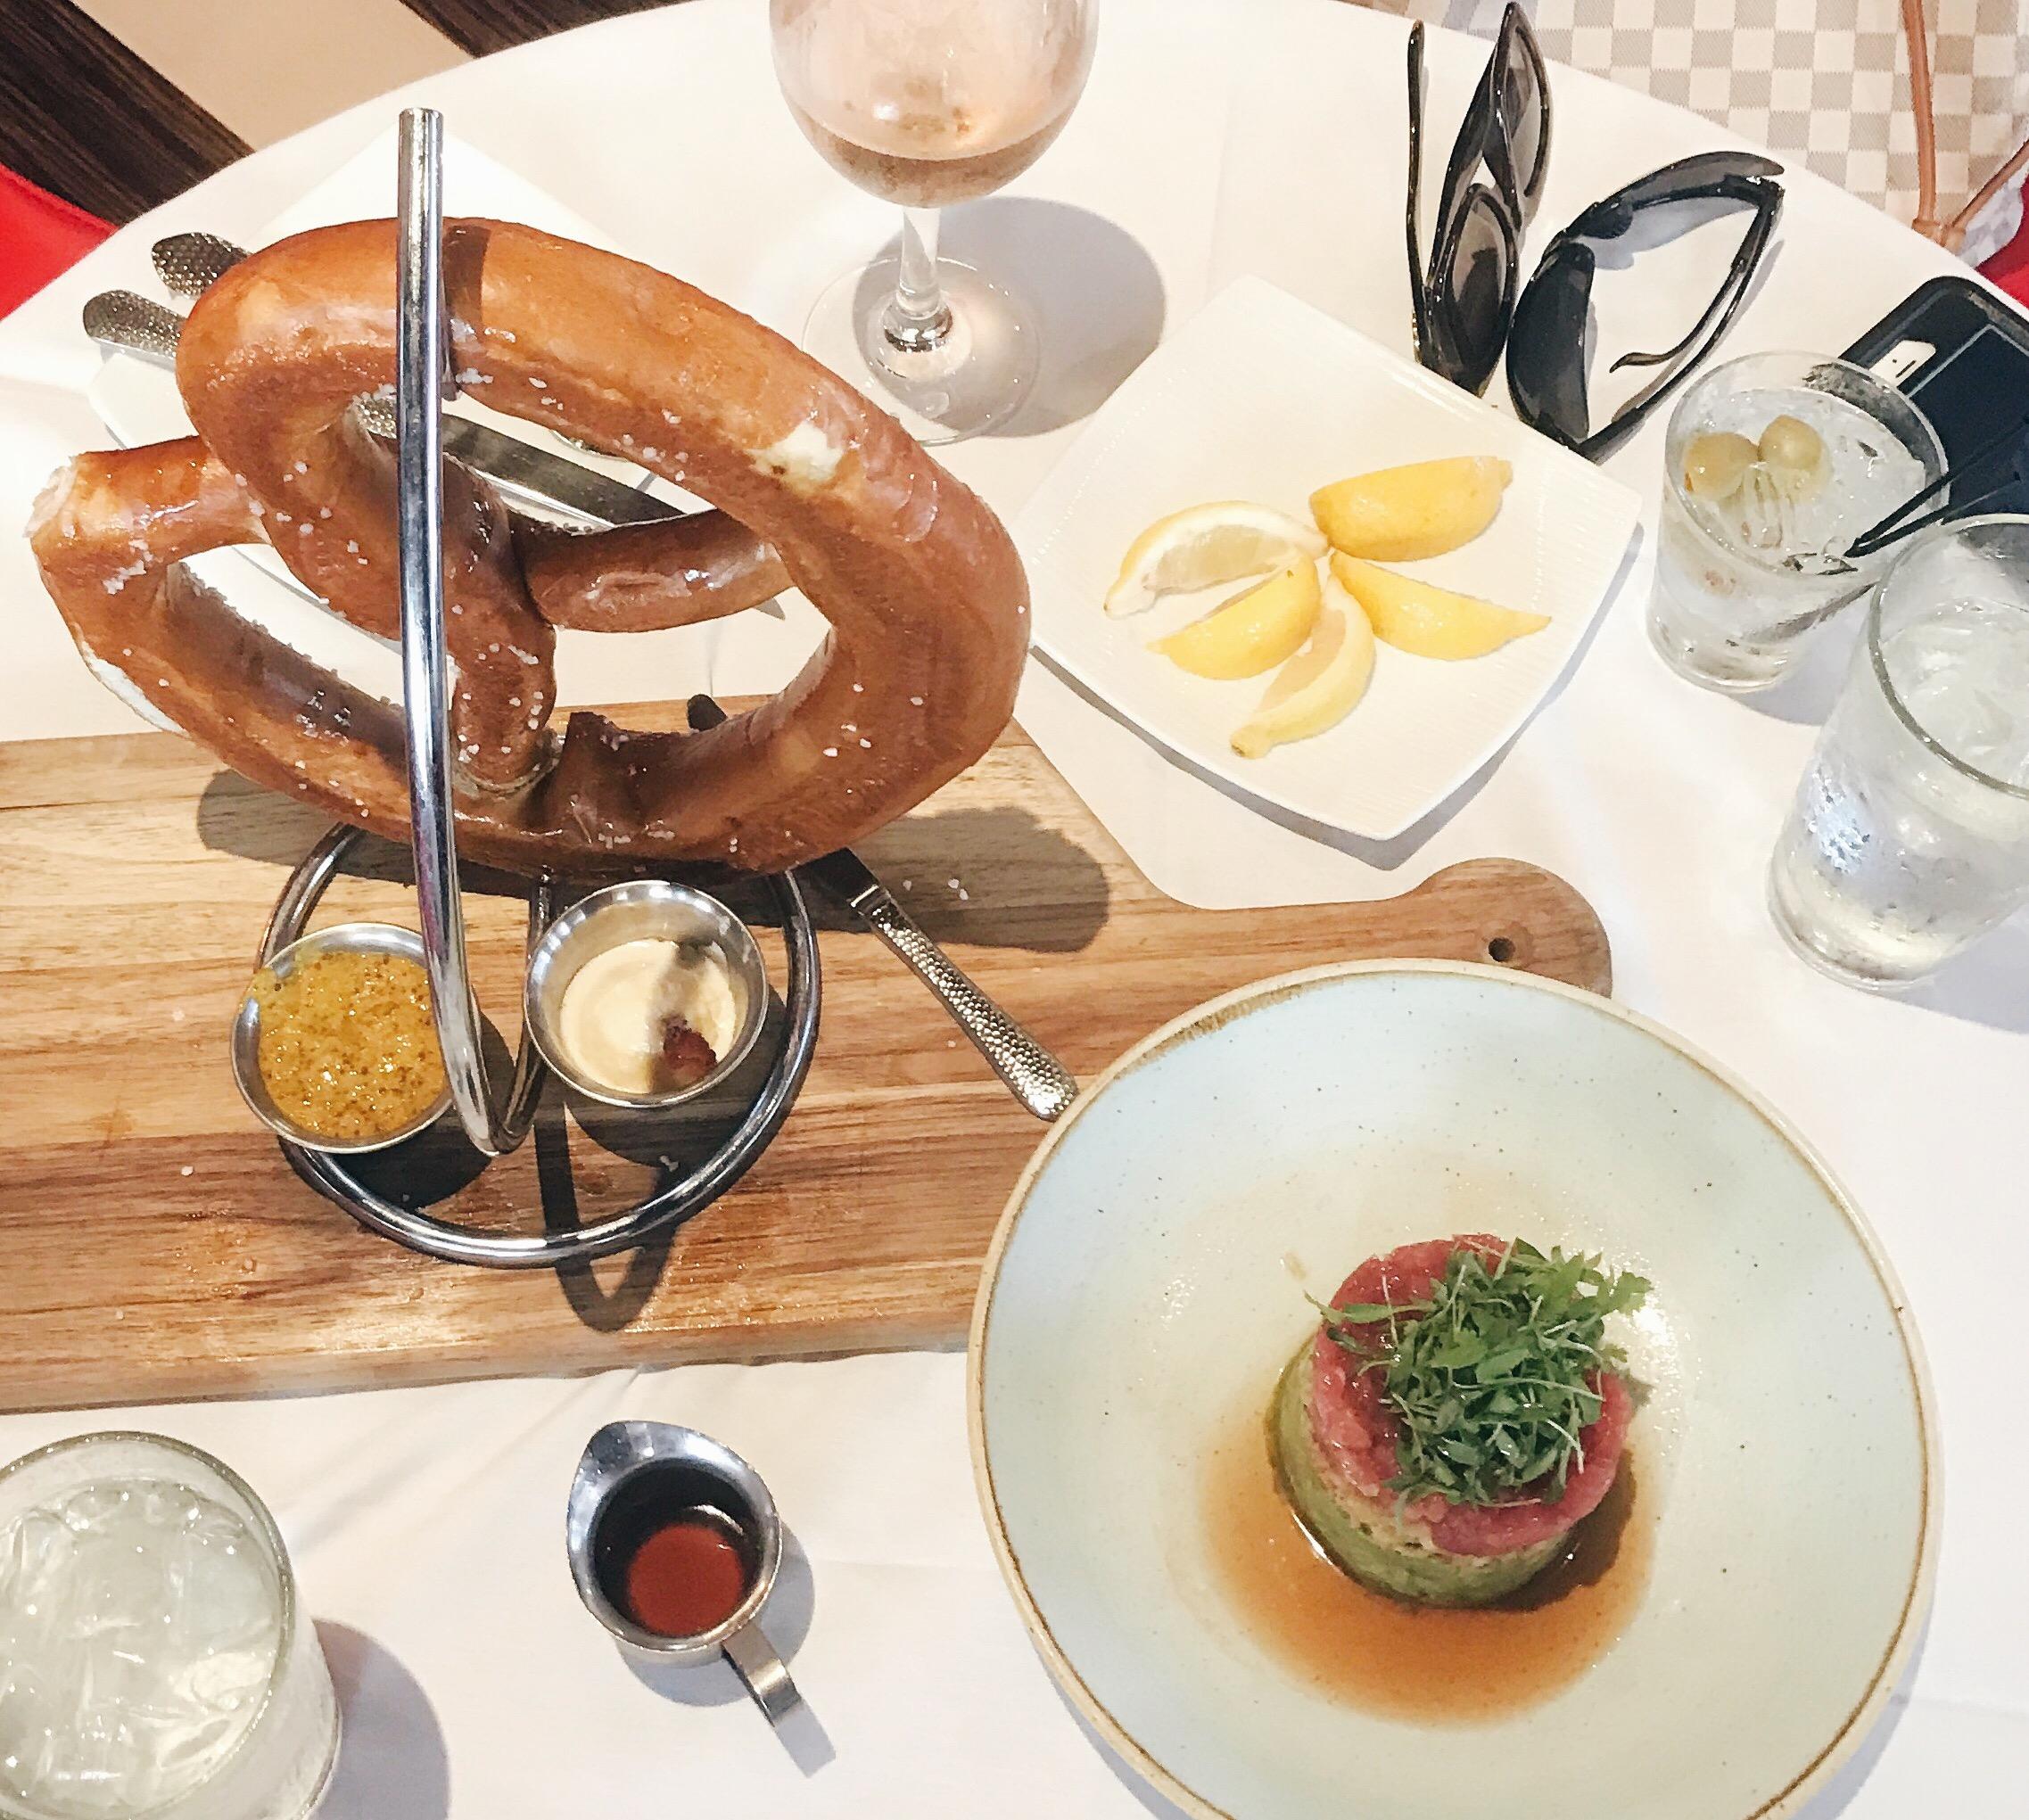 The Tuna Tartare & Colossal Pretzel